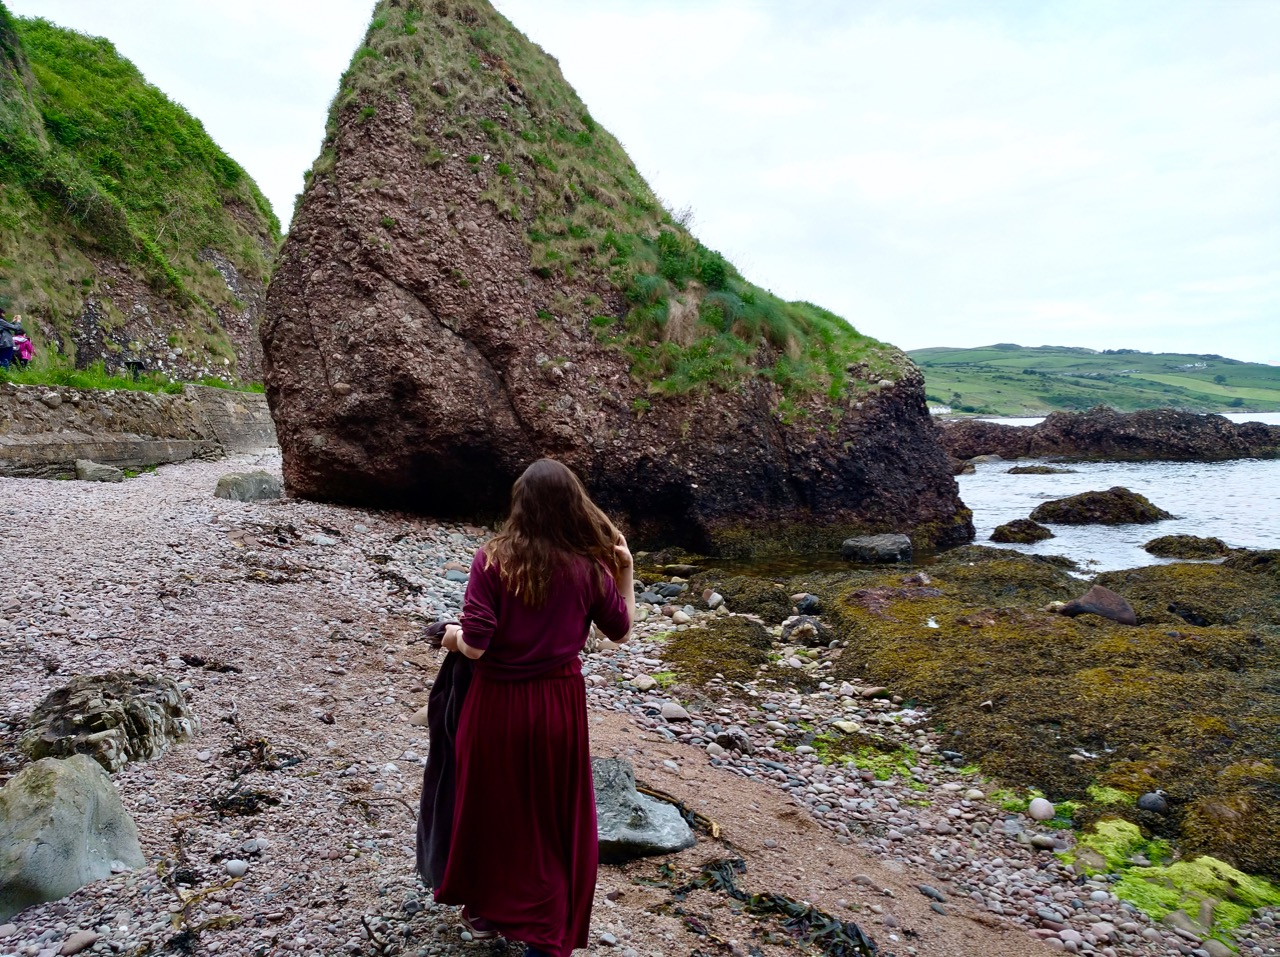 Lieux de tournage de Game of Thrones en Irlande du Nord (11)